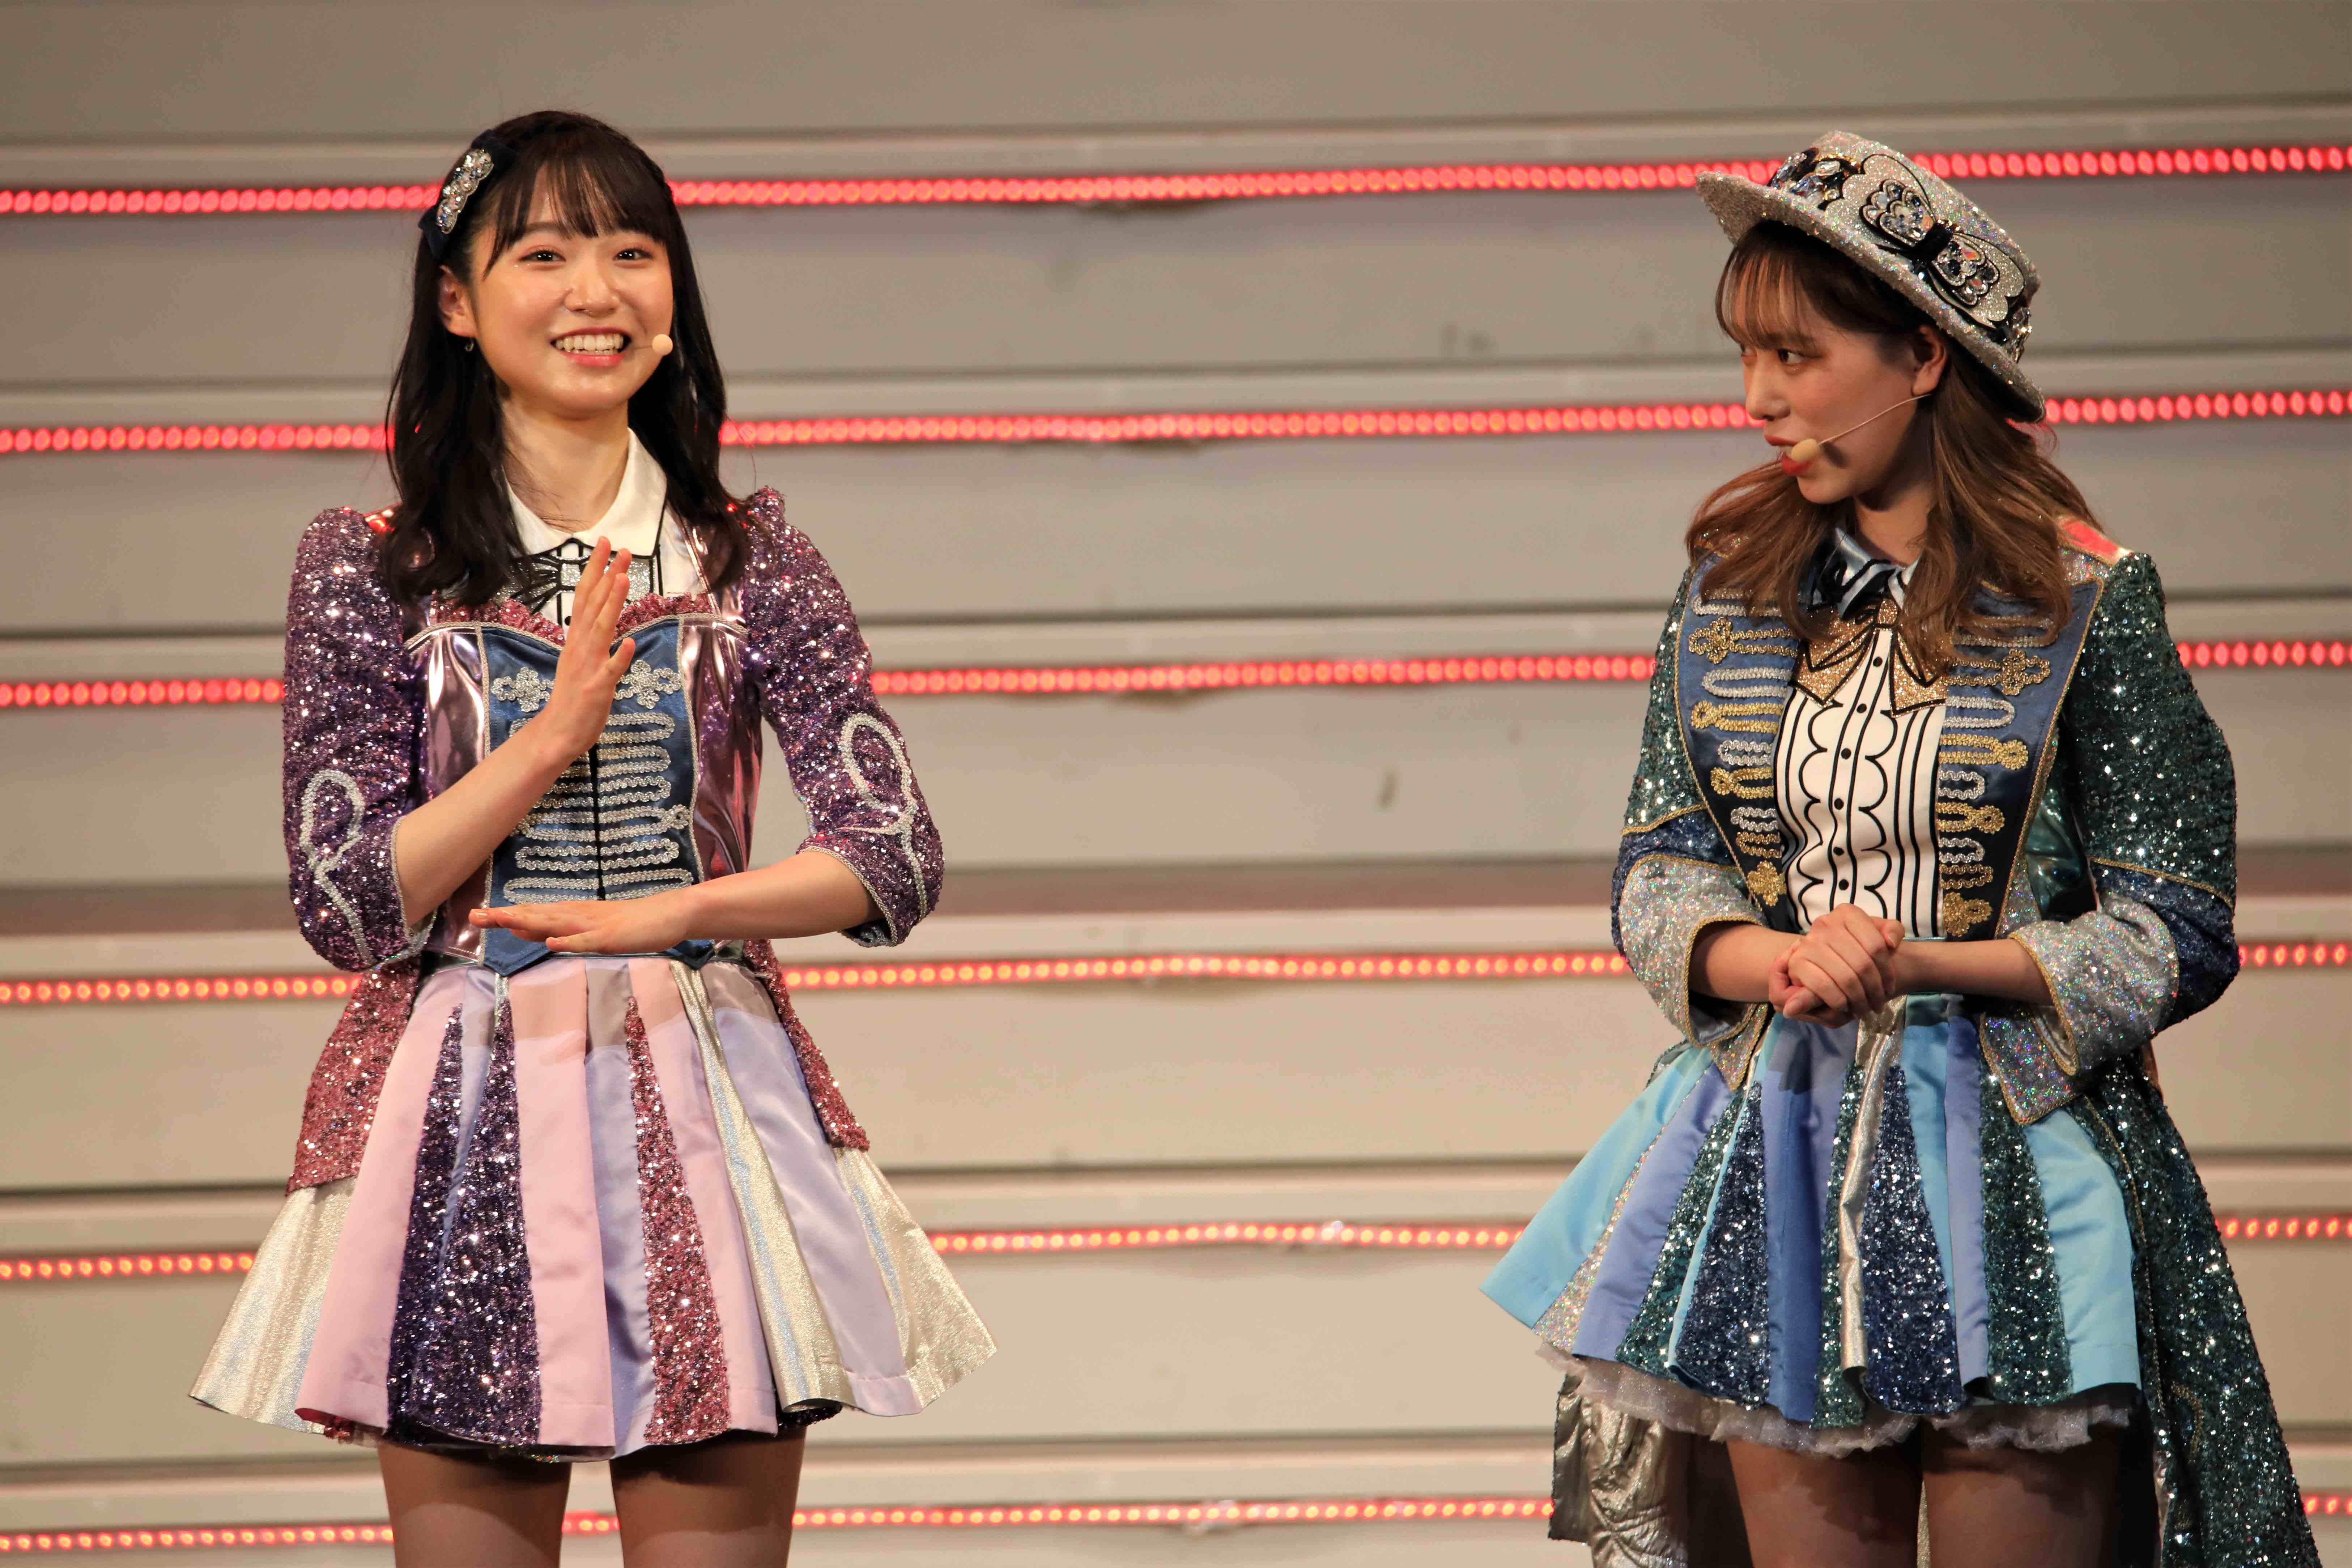 「ずっきー's キッチン」でサバを切るシーンを見せる山内 ©AKB48 THE AUDISHOW製作委員会  無断アップロード及び転送は一切禁止です。